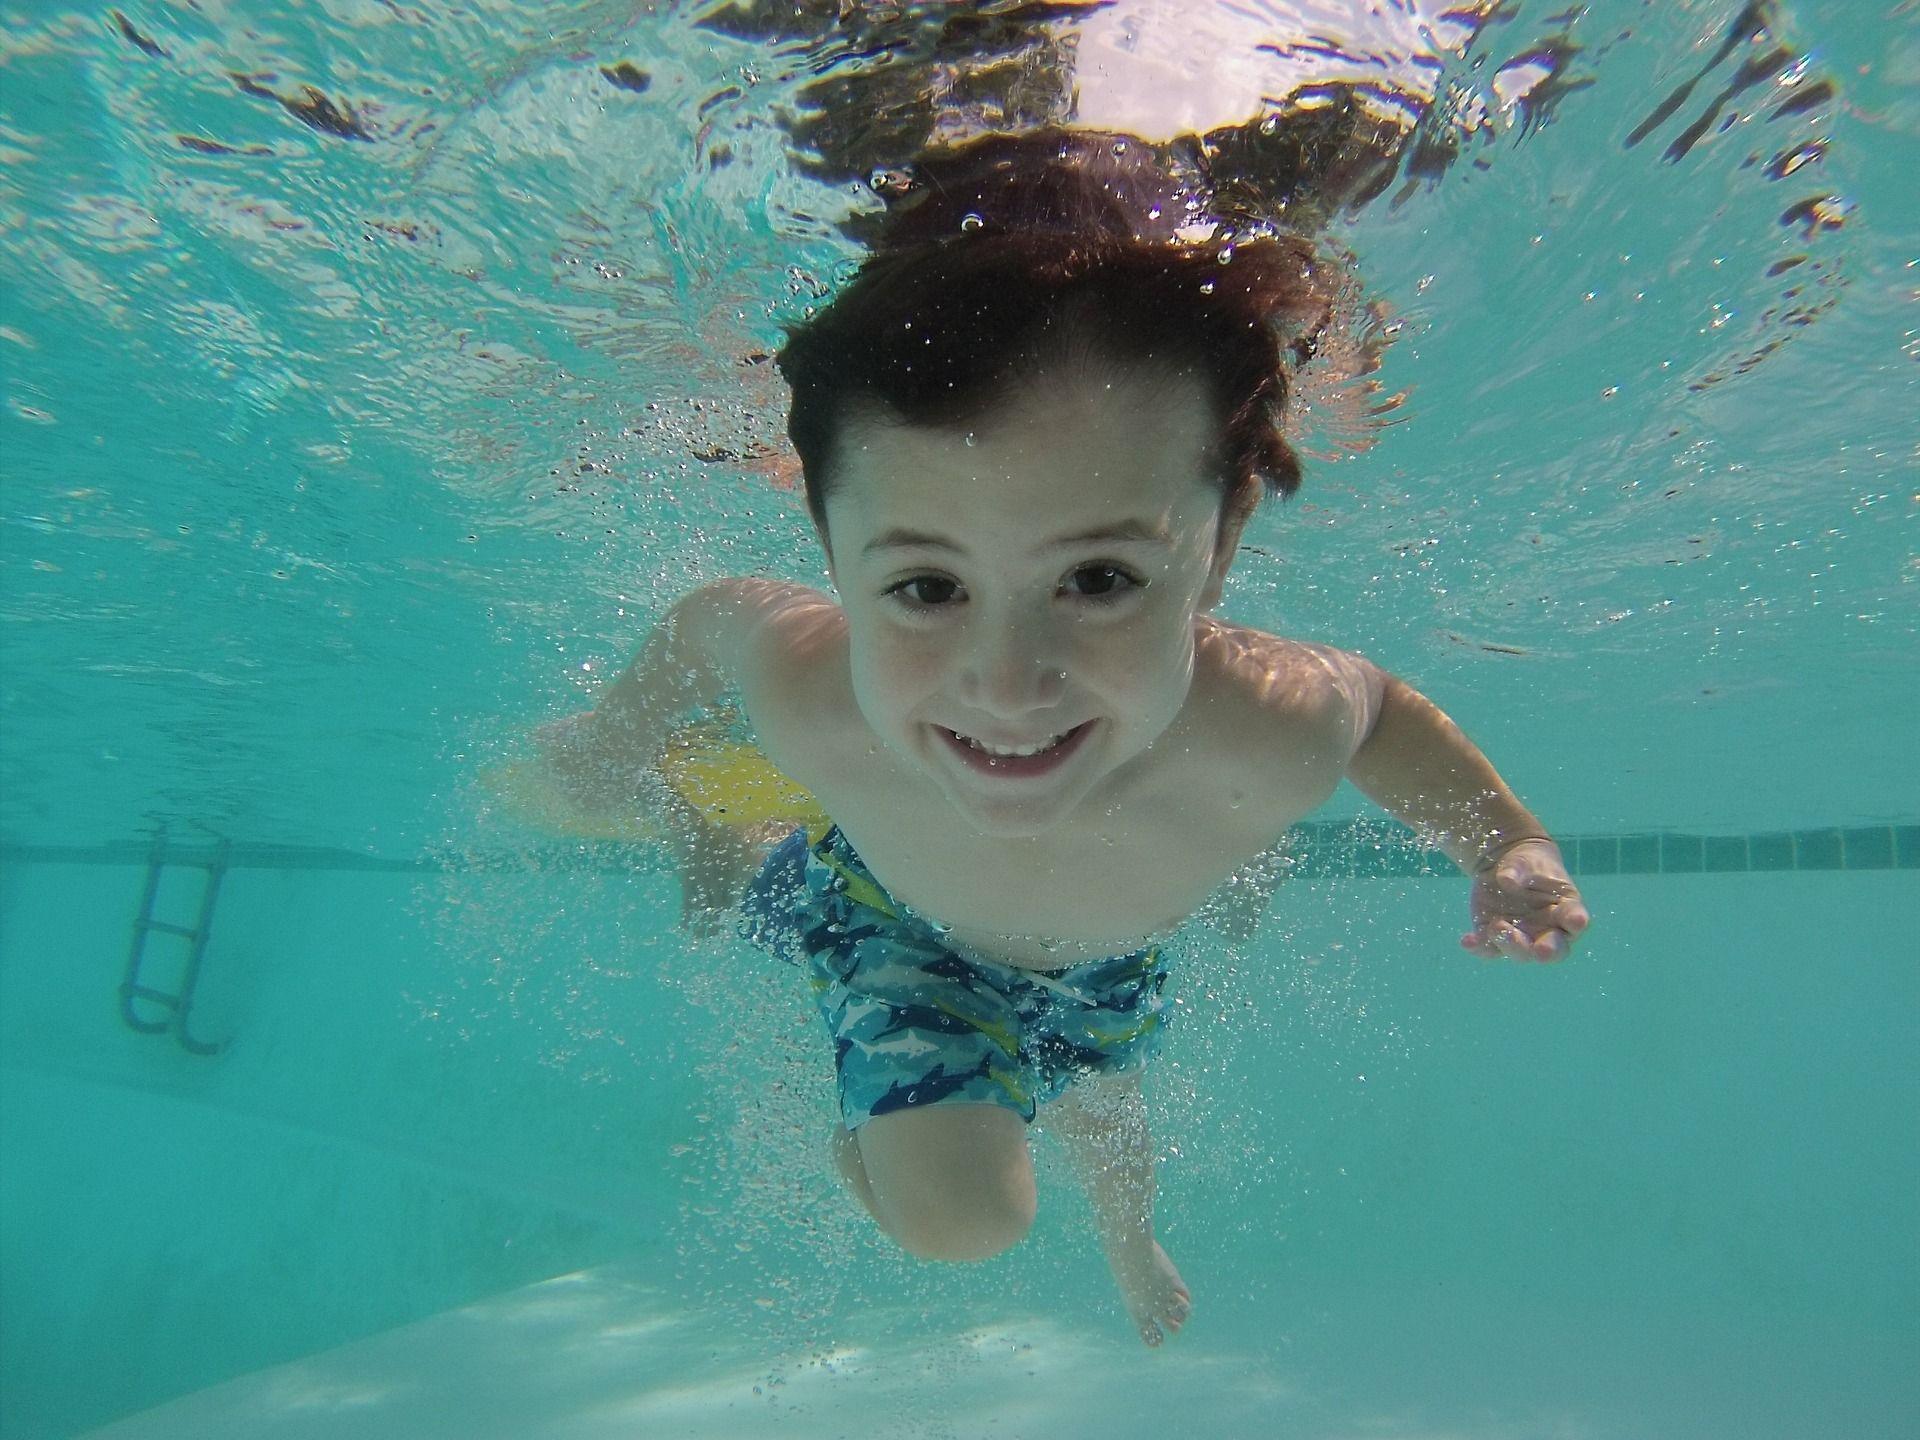 natation-enfant